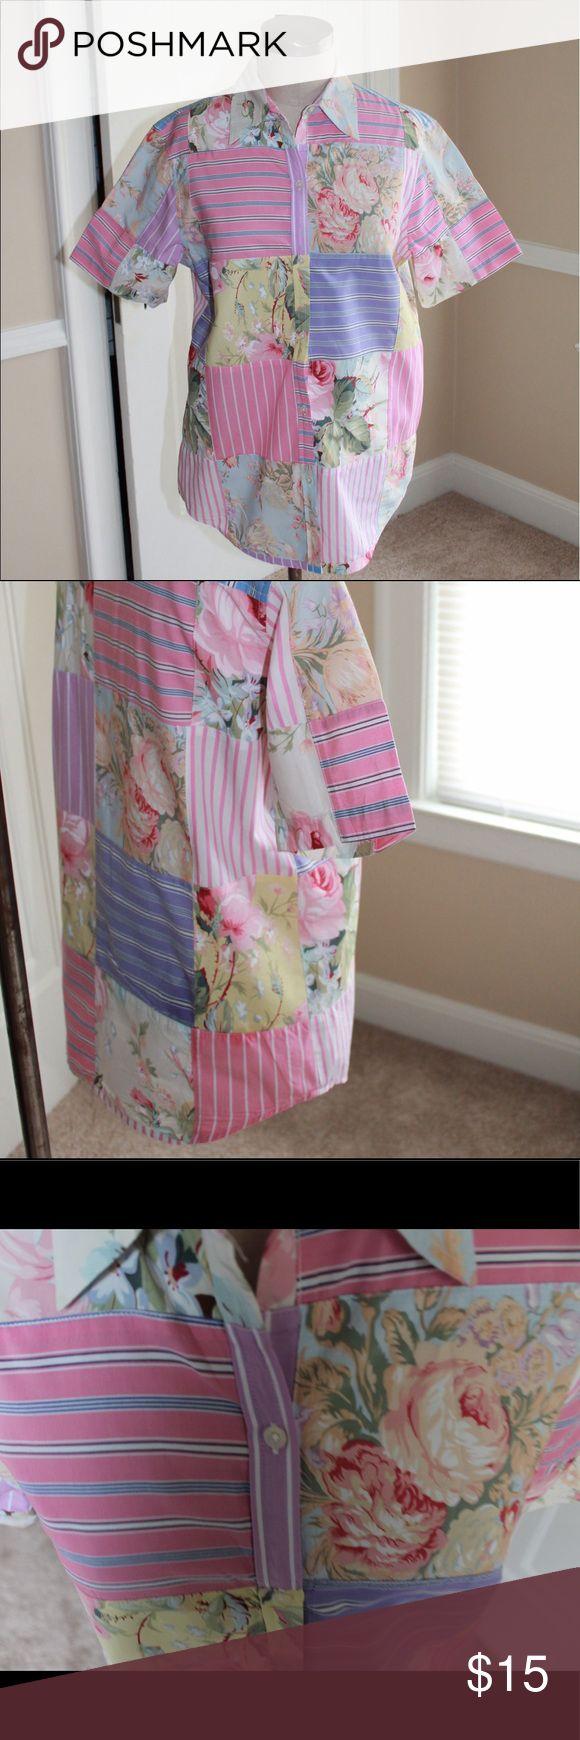 Ralph Lauren Floral Patchwork Blouse Ralph Lauren Floral Patchwork Blouse 🌺 Size Medium 🌼 100% cotton Ralph Lauren Tops Button Down Shirts